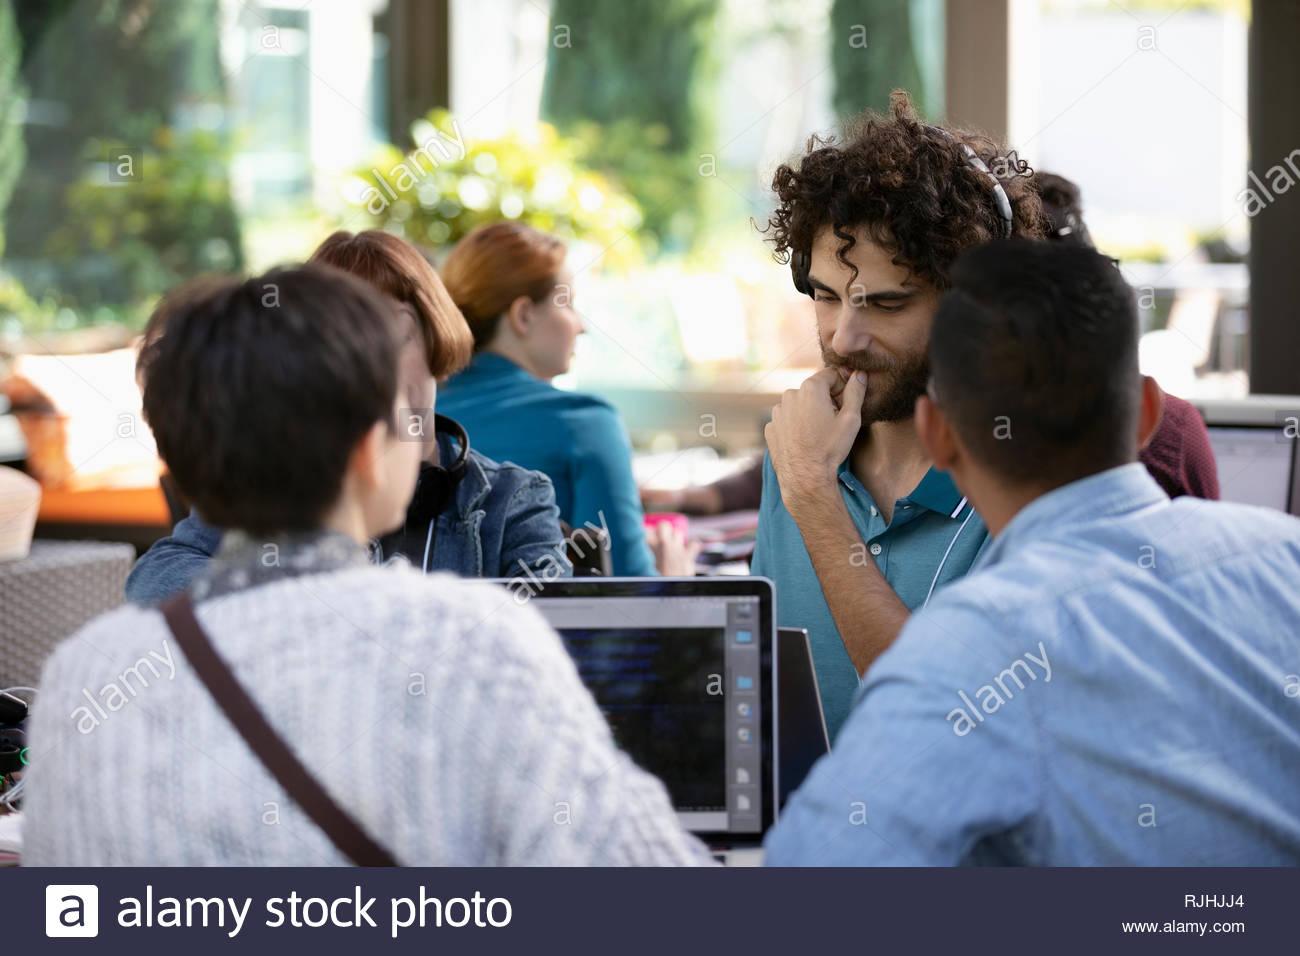 Hacker an Laptops arbeiten bei hackathon Stockbild